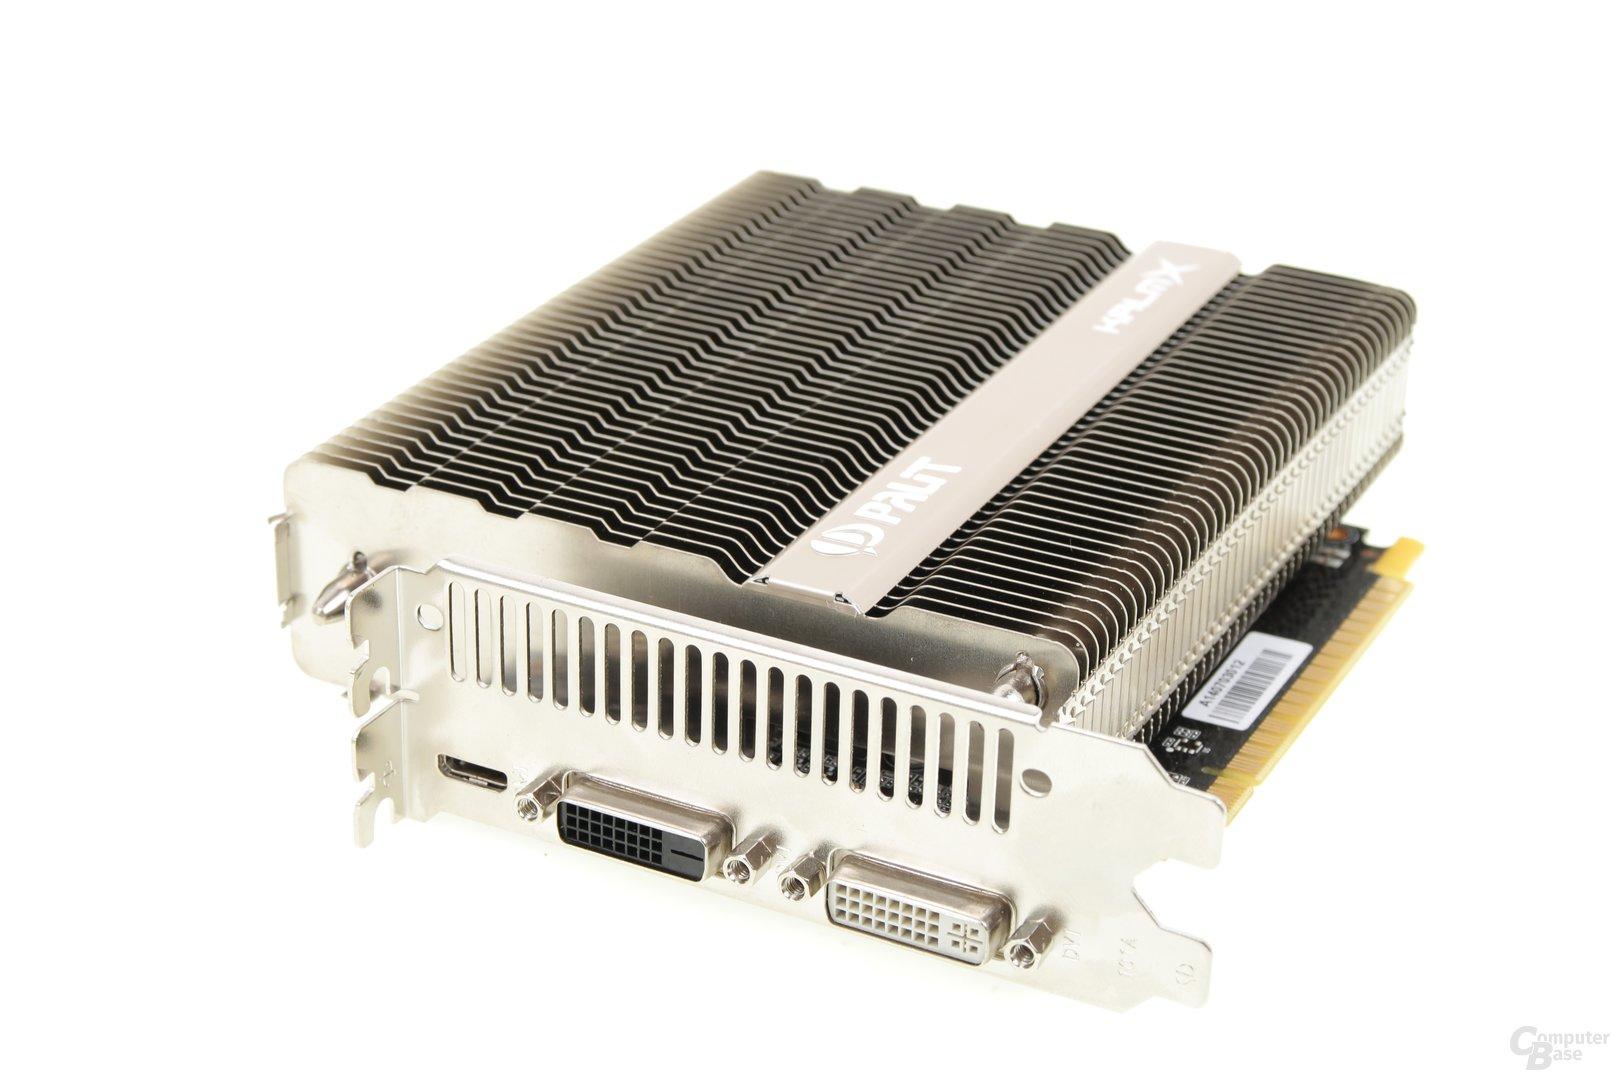 Palit GeForce GTX 750 Ti KalmX - Anschlüsse